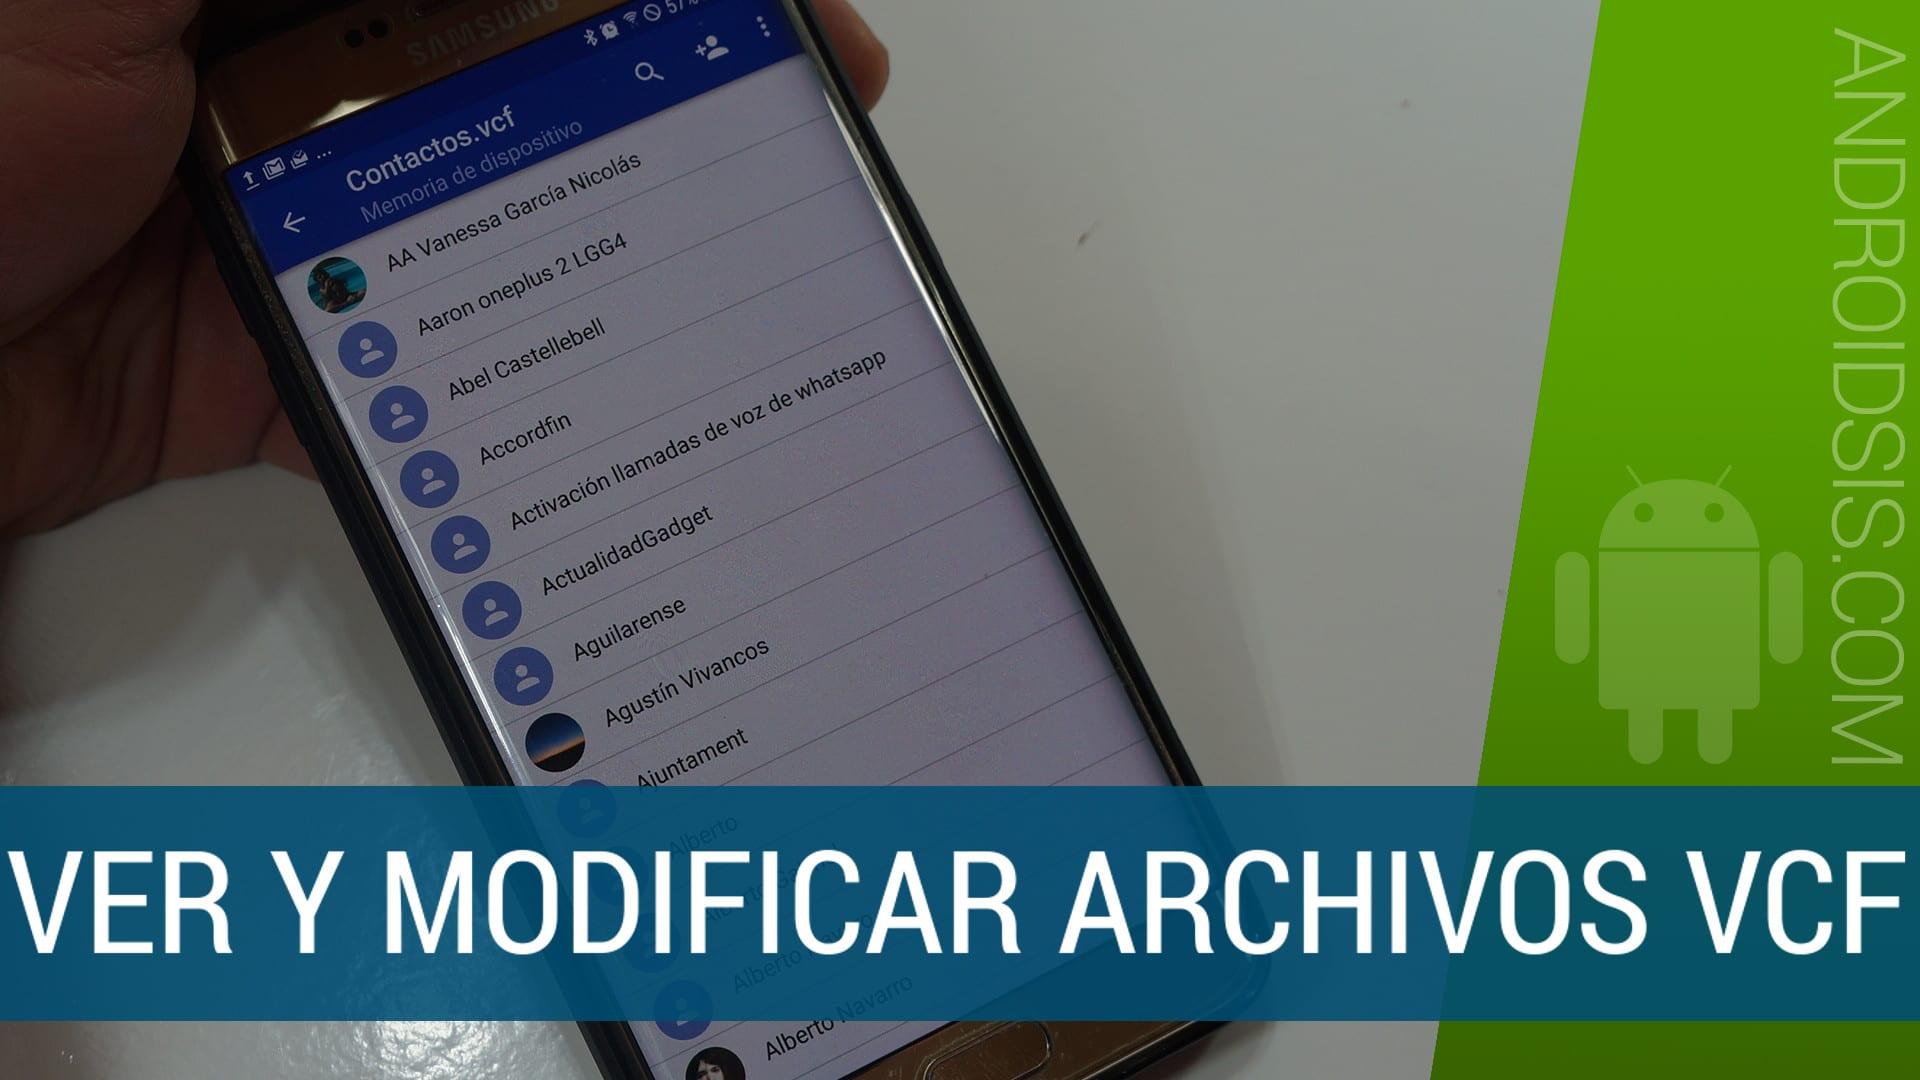 Cómo abrir archivos .vcf y manipular su contenido a nuestro antojo